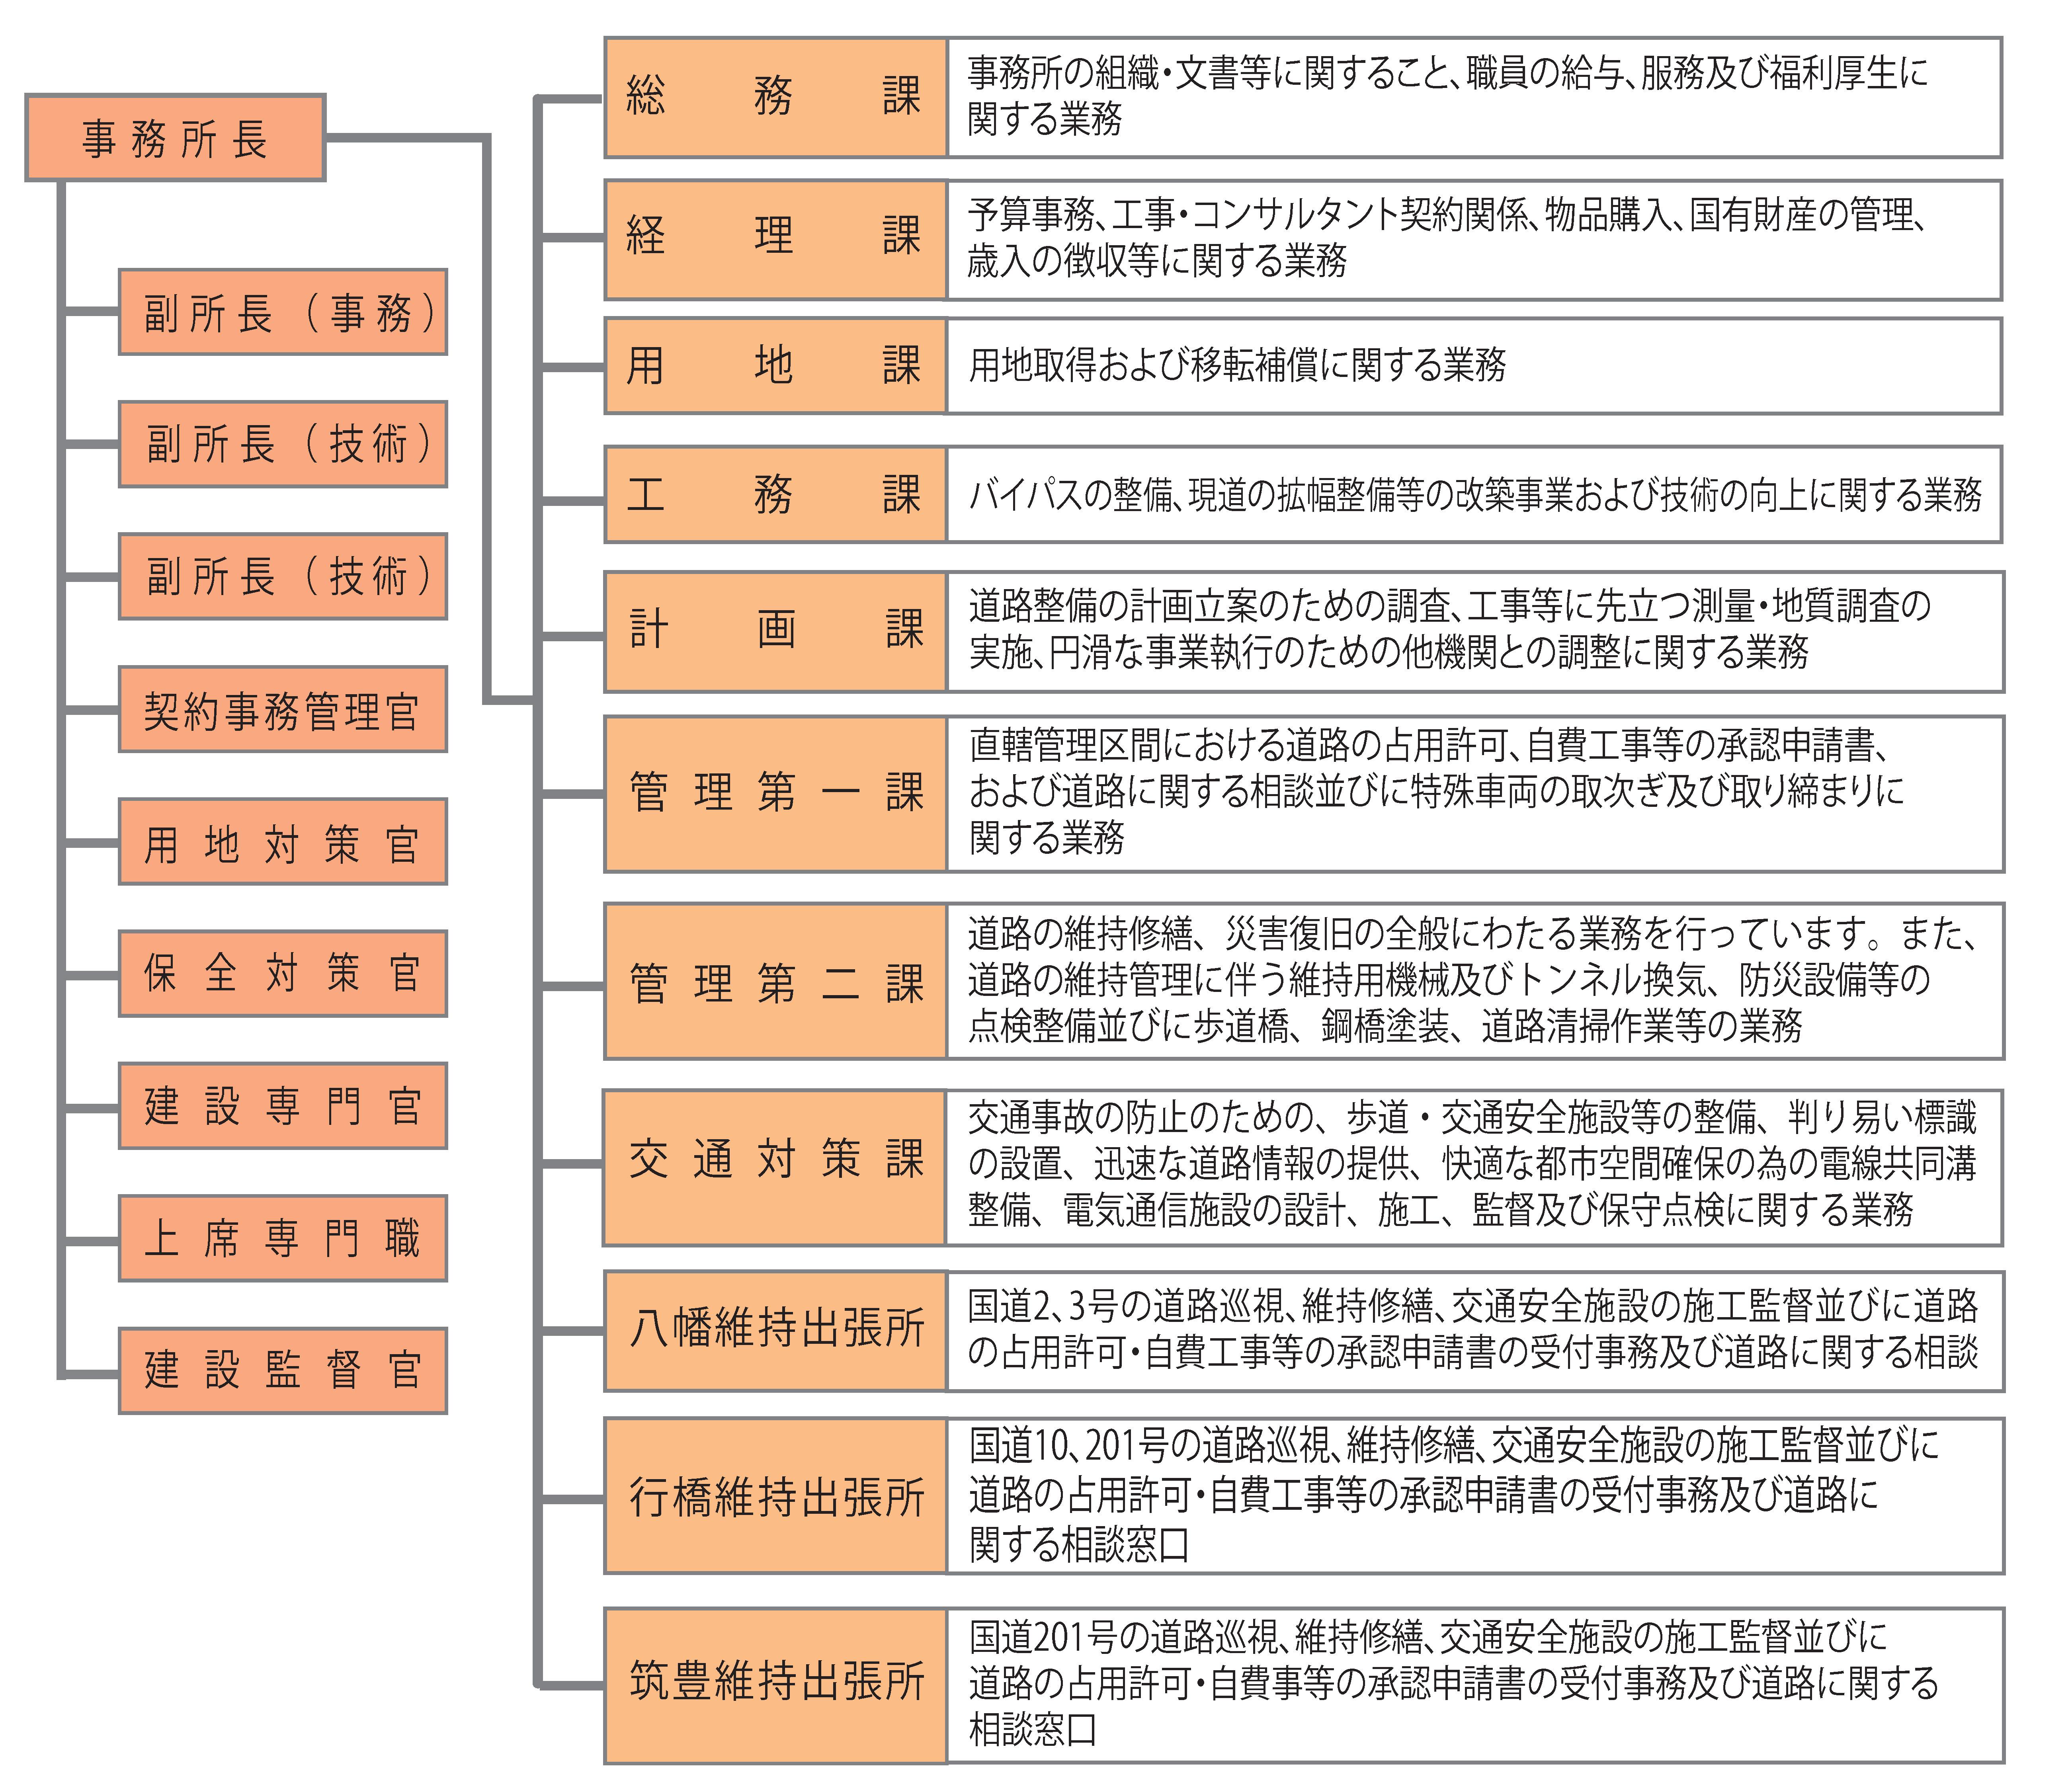 入札 情報 サービス 愛知 県